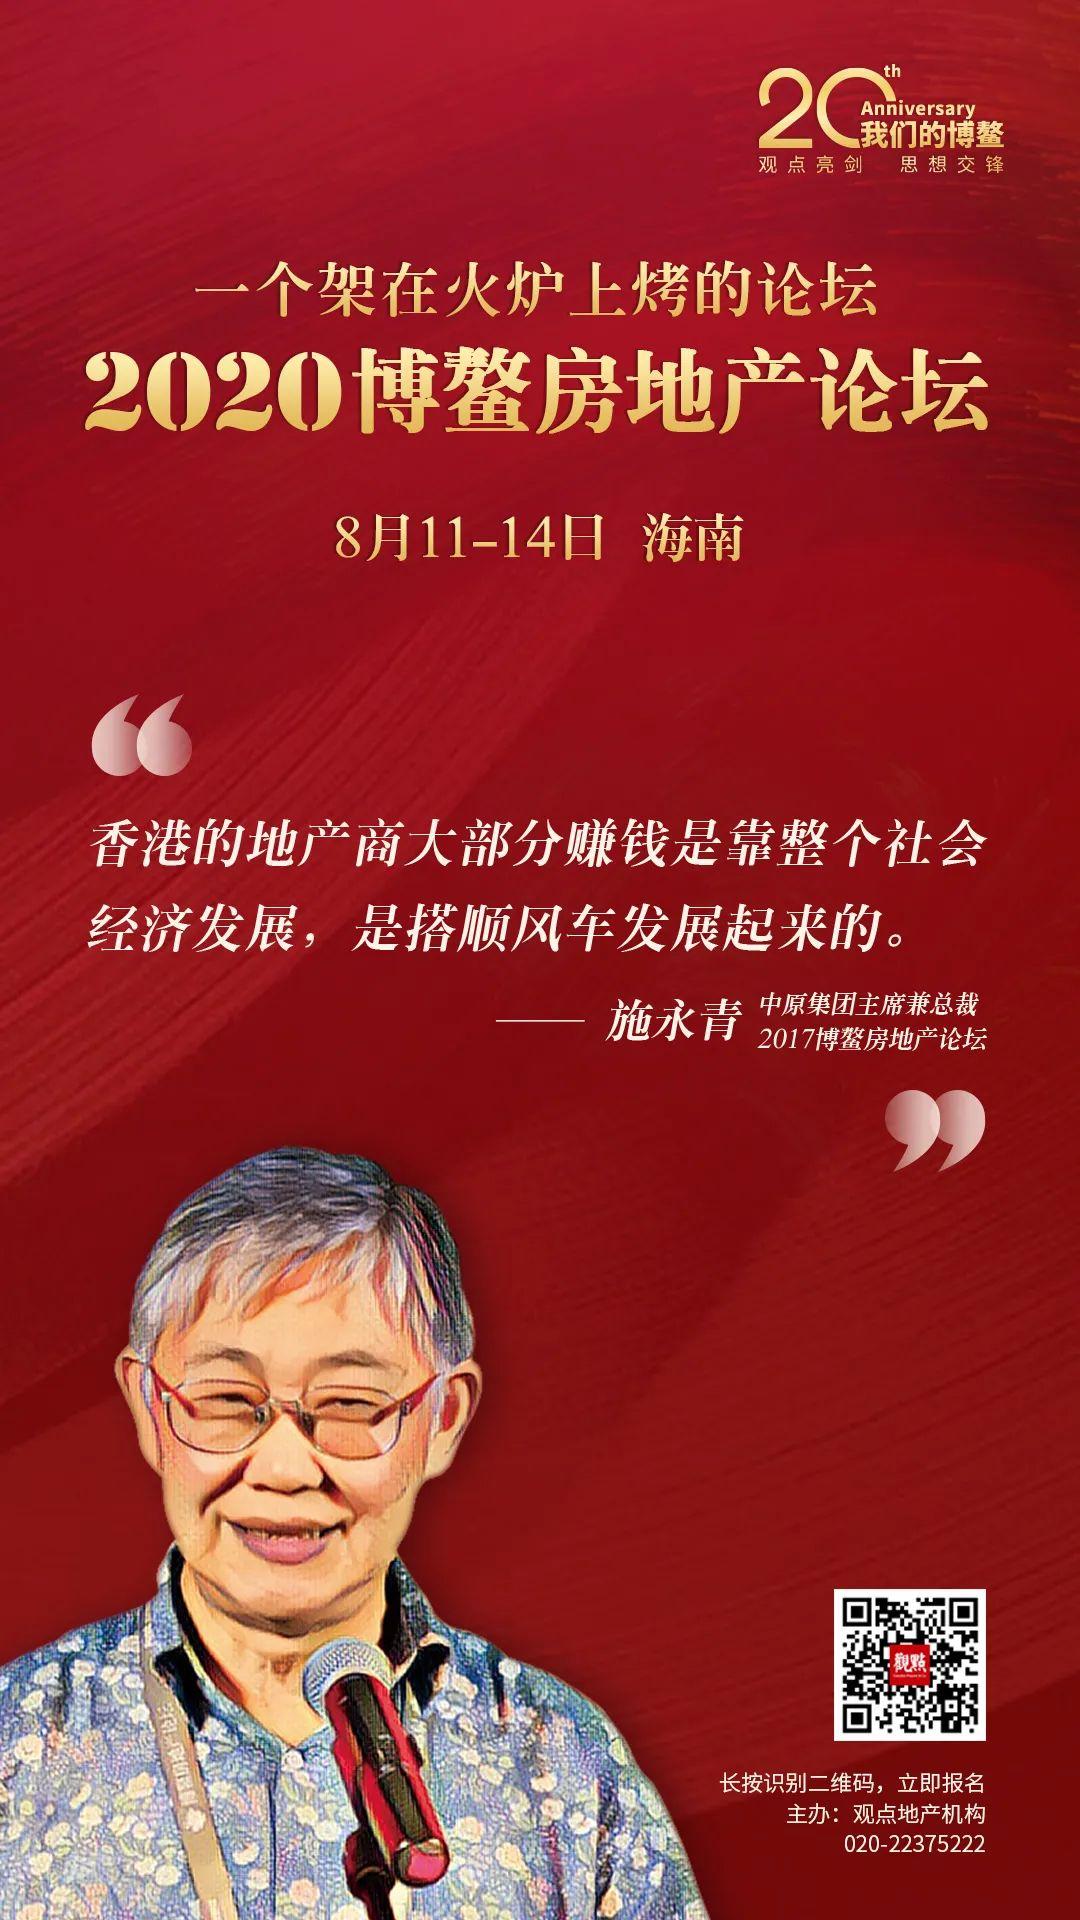 楼观察   王府井投资武汉大光谷区域260亿 云南旅游签黄石改造项目